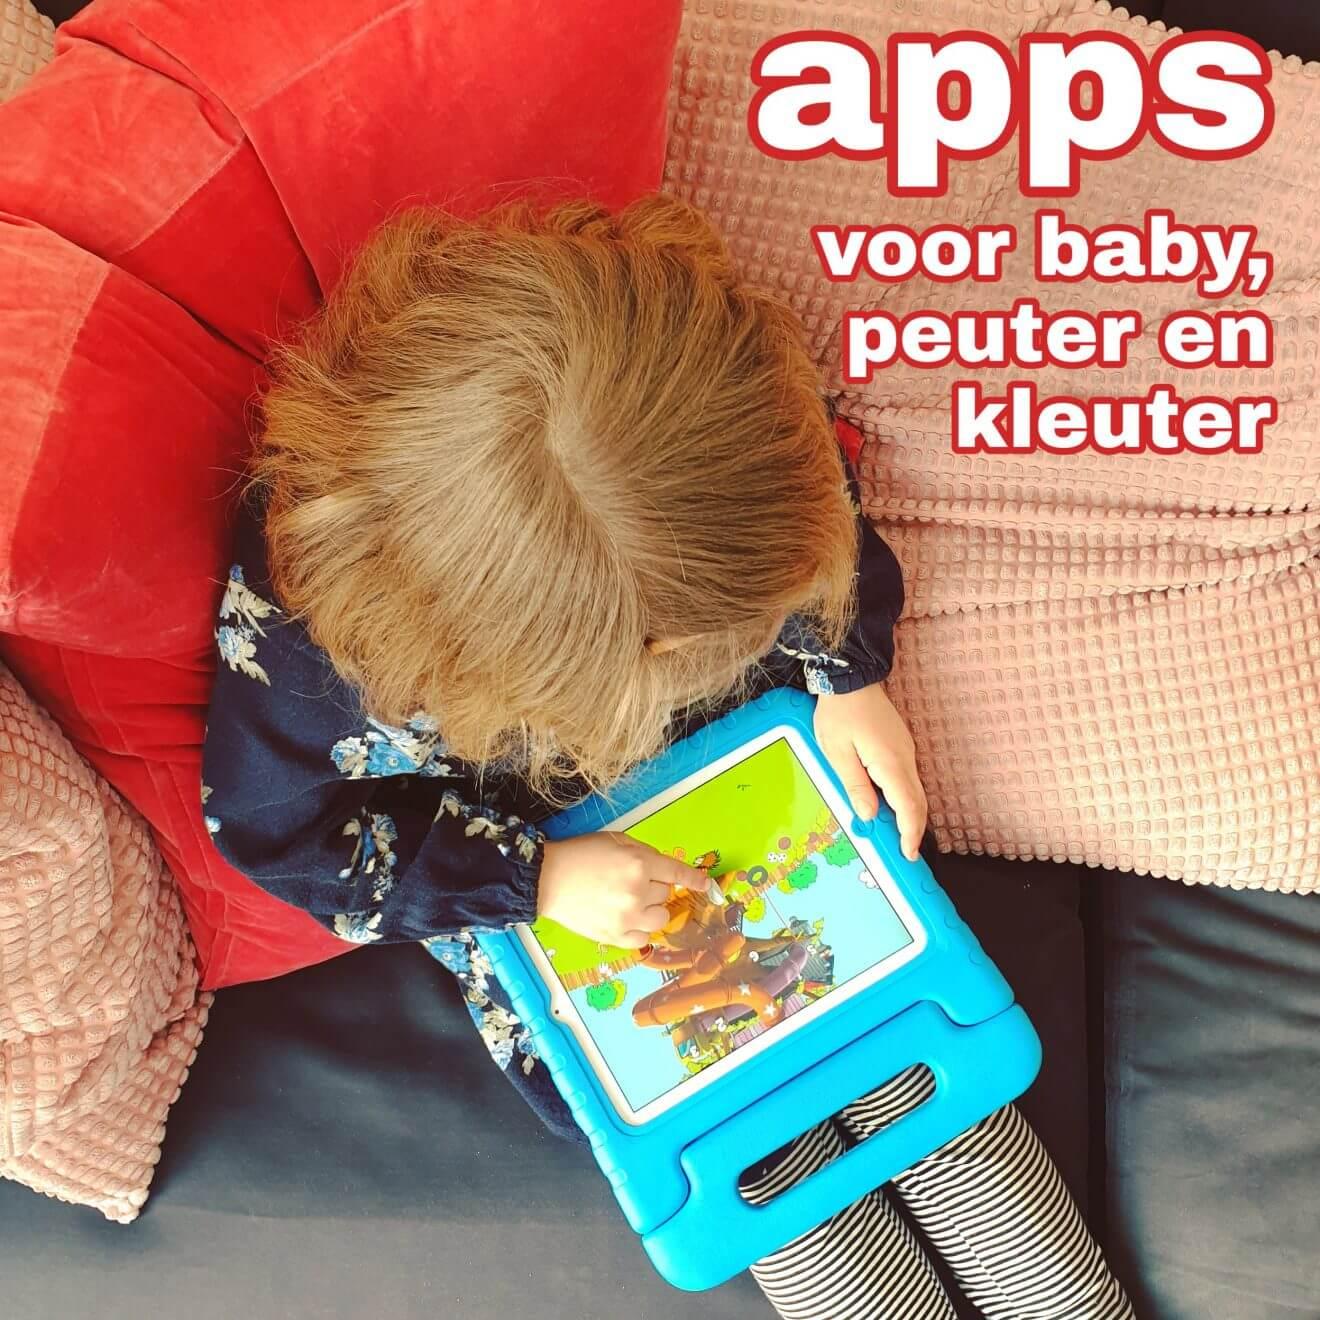 Apps voor kleine kinderen: baby, peuter en kleuter op tablet en smartphone